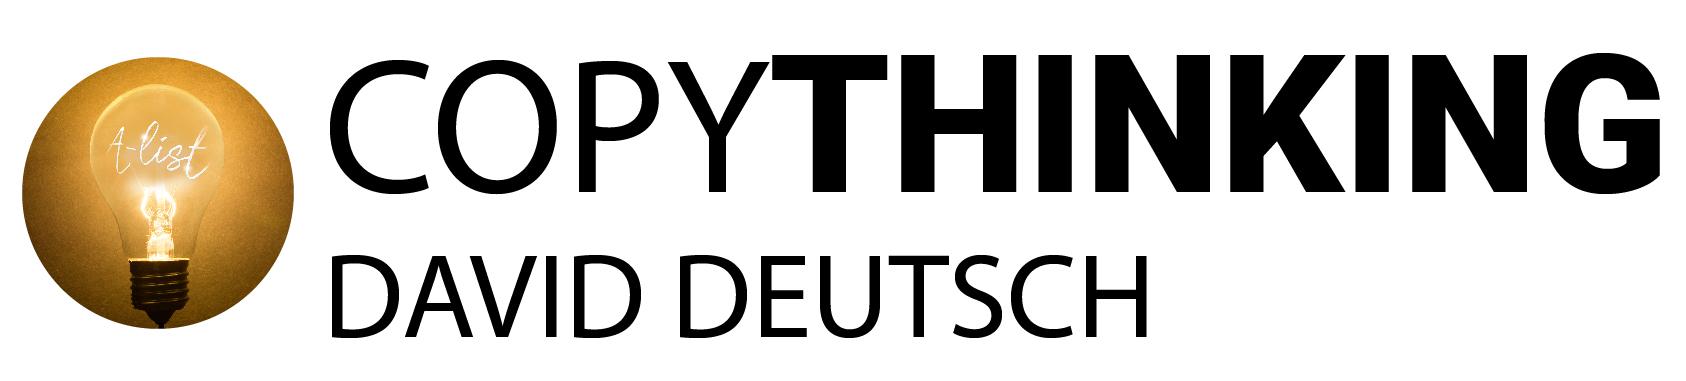 David Deutsch A-List Copywriting Secrets Image